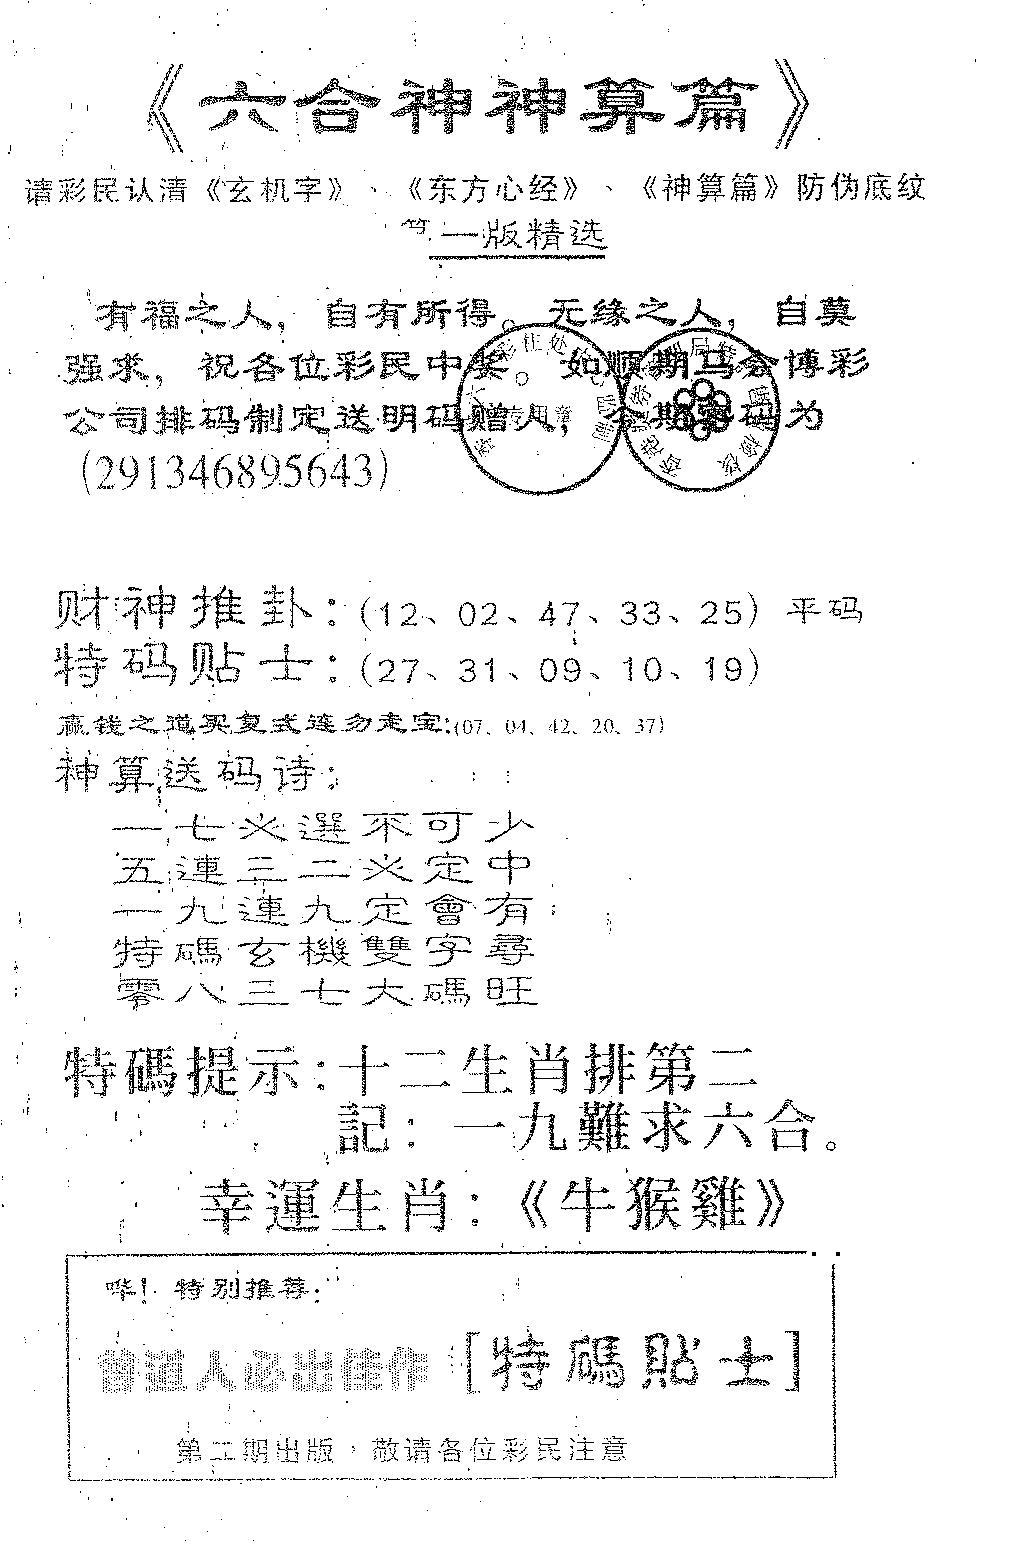 082期六合神算篇B(黑白)